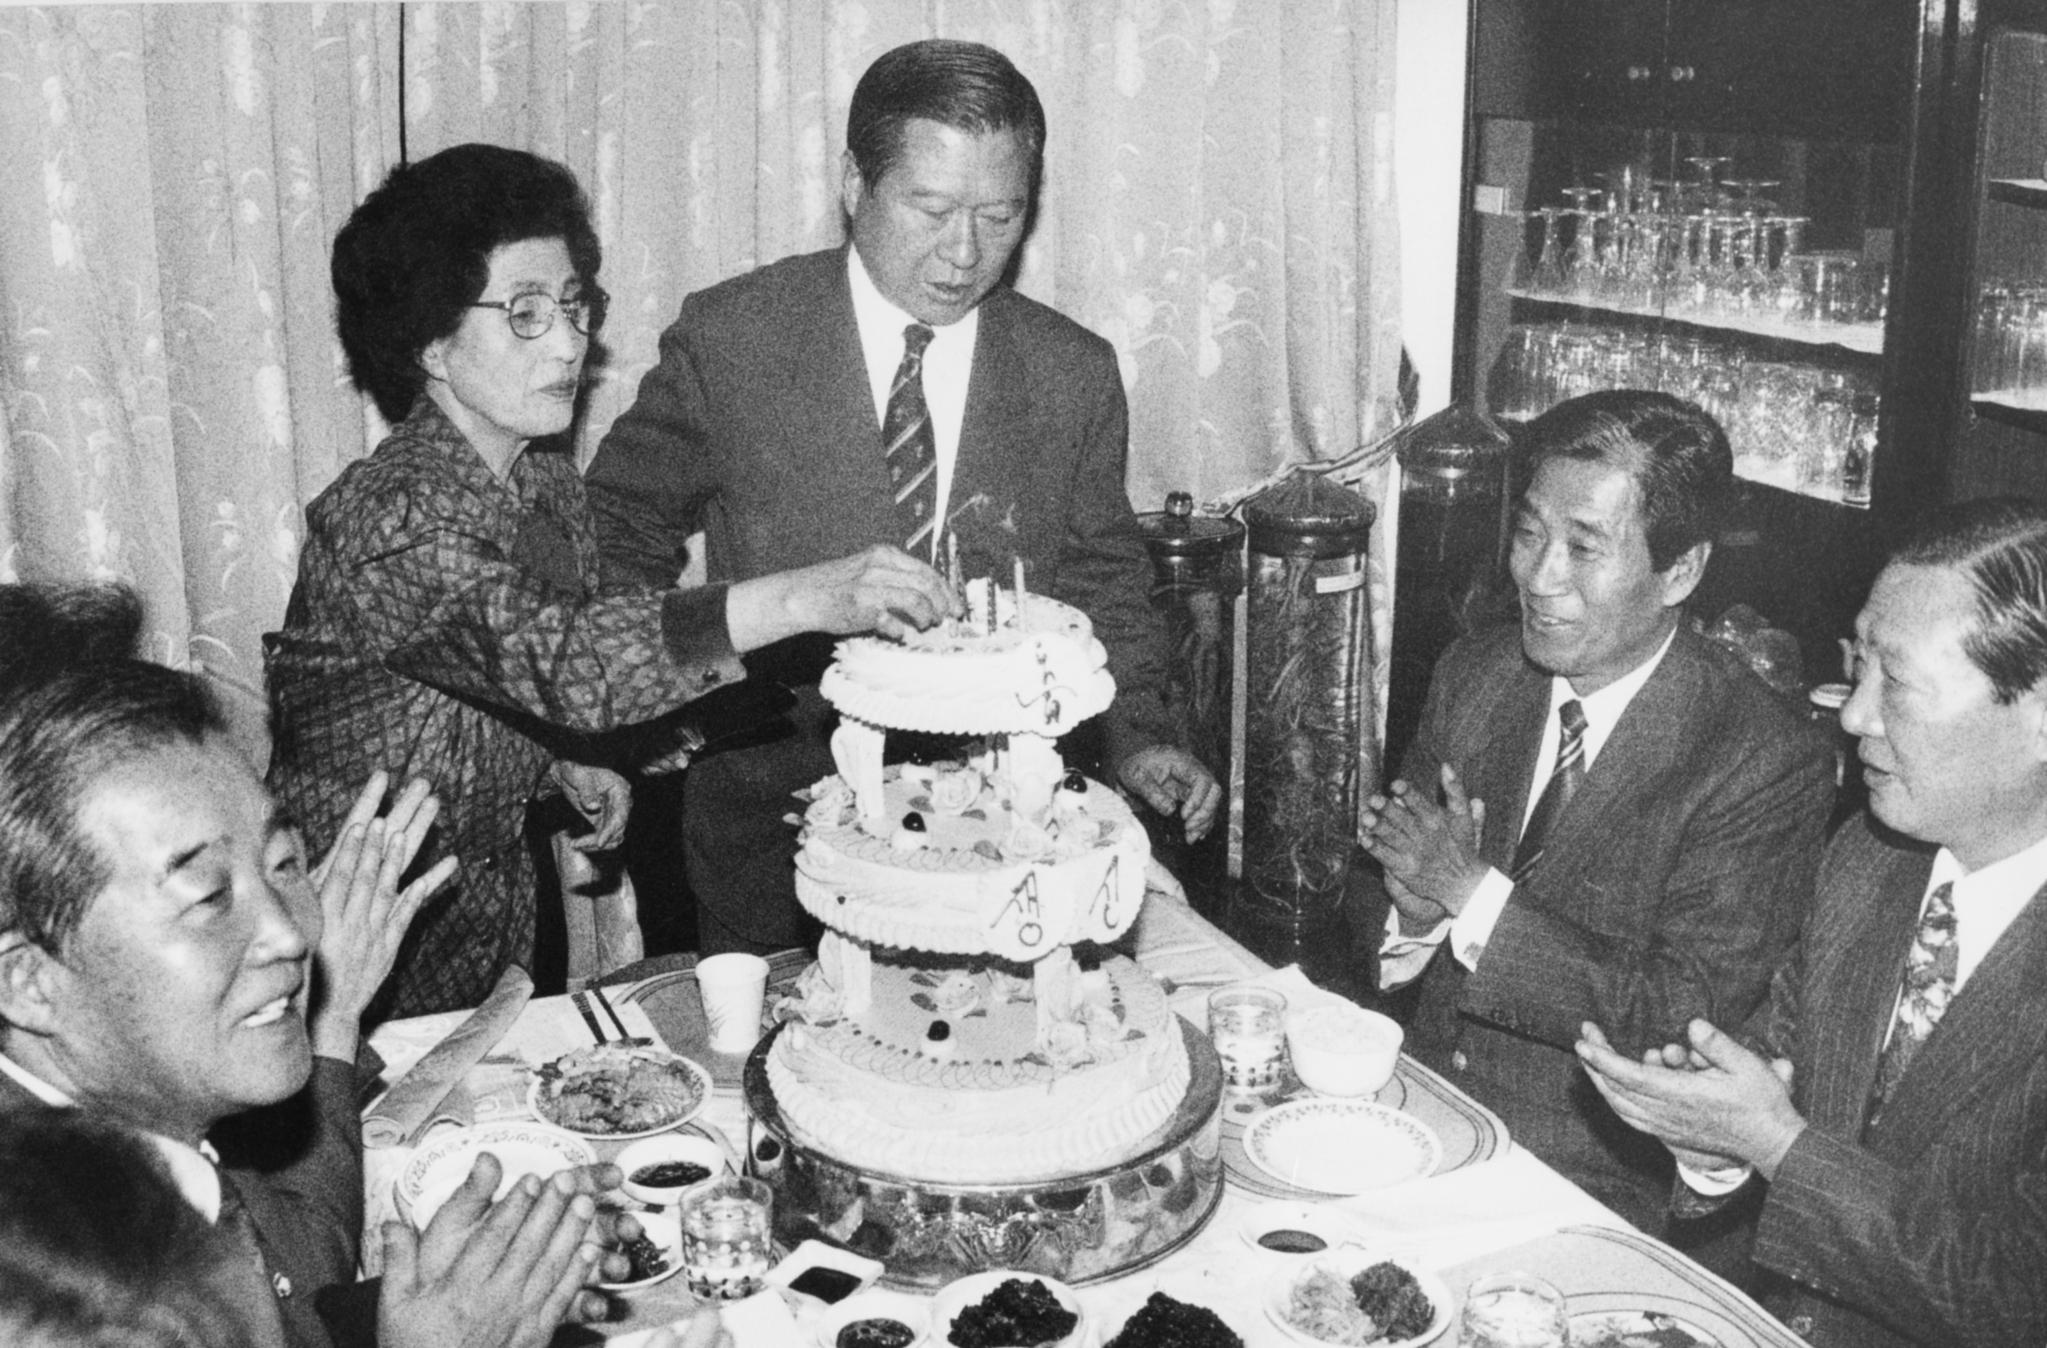 1993년 68회 생일을 맞은 김대중 전 민주당 대표가 부인 이희호 여사와 함께 민주당 당직자들의 축하를 받으며 생일축하 케이크를 자르고 있다. [중앙포토]